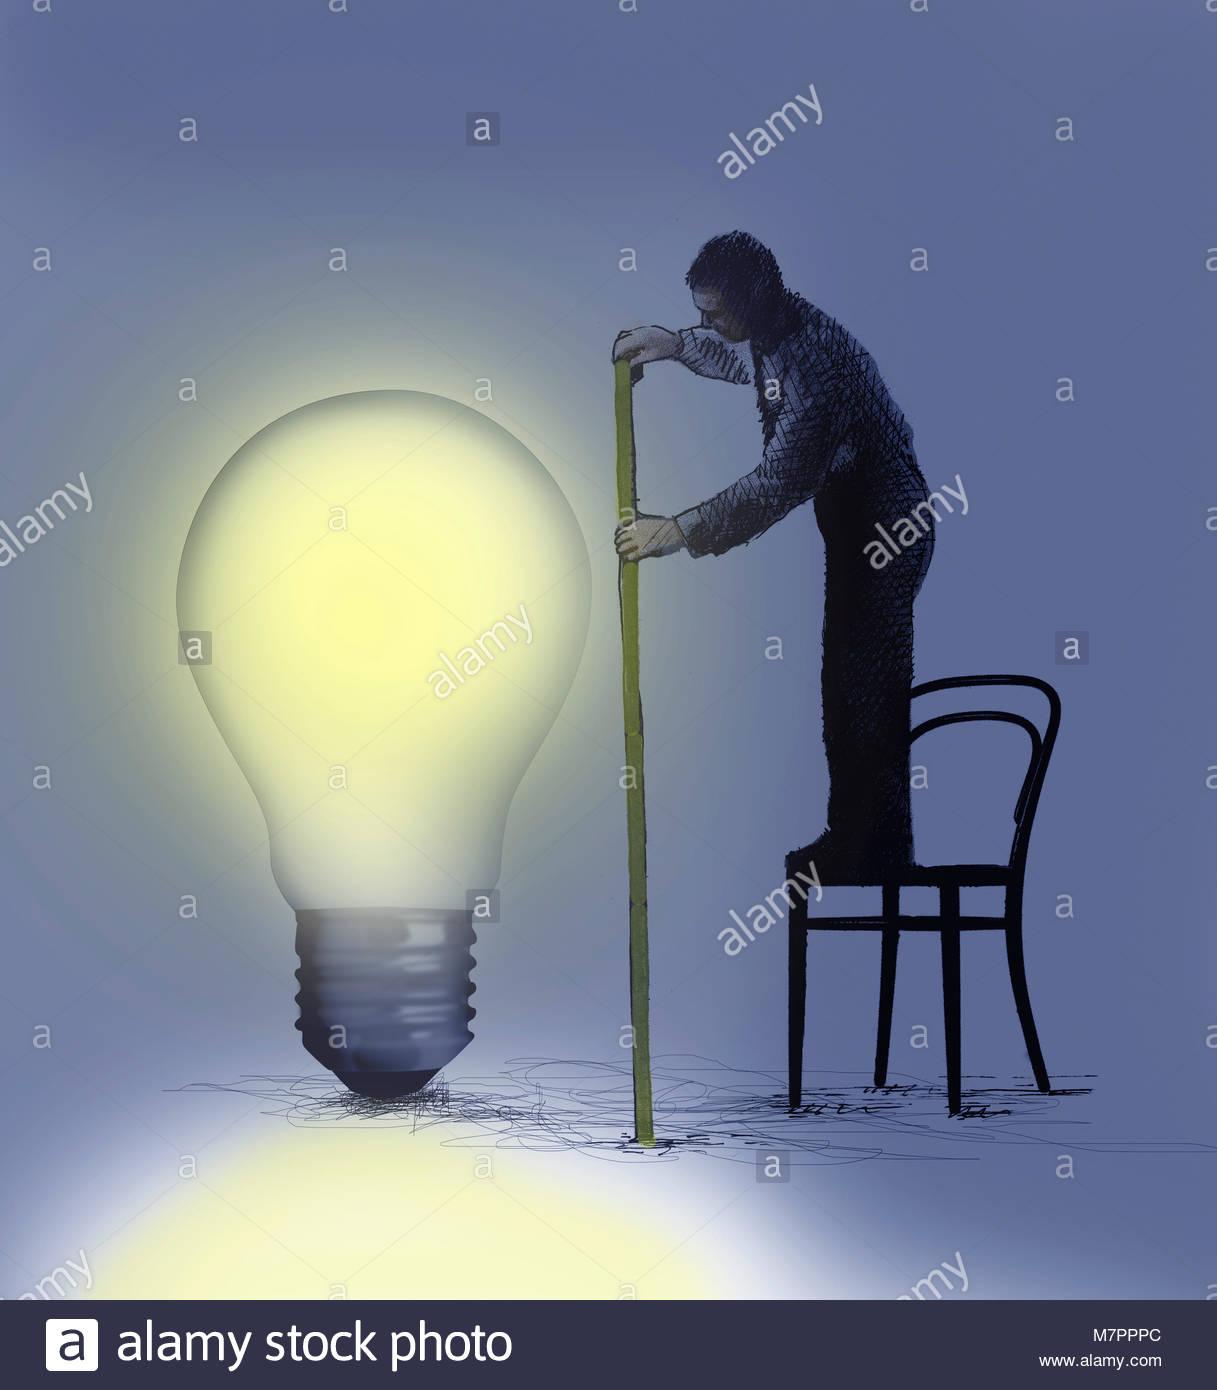 Imprenditore in piedi sulla sedia la misura grande illuminato lampadina luce Immagini Stock